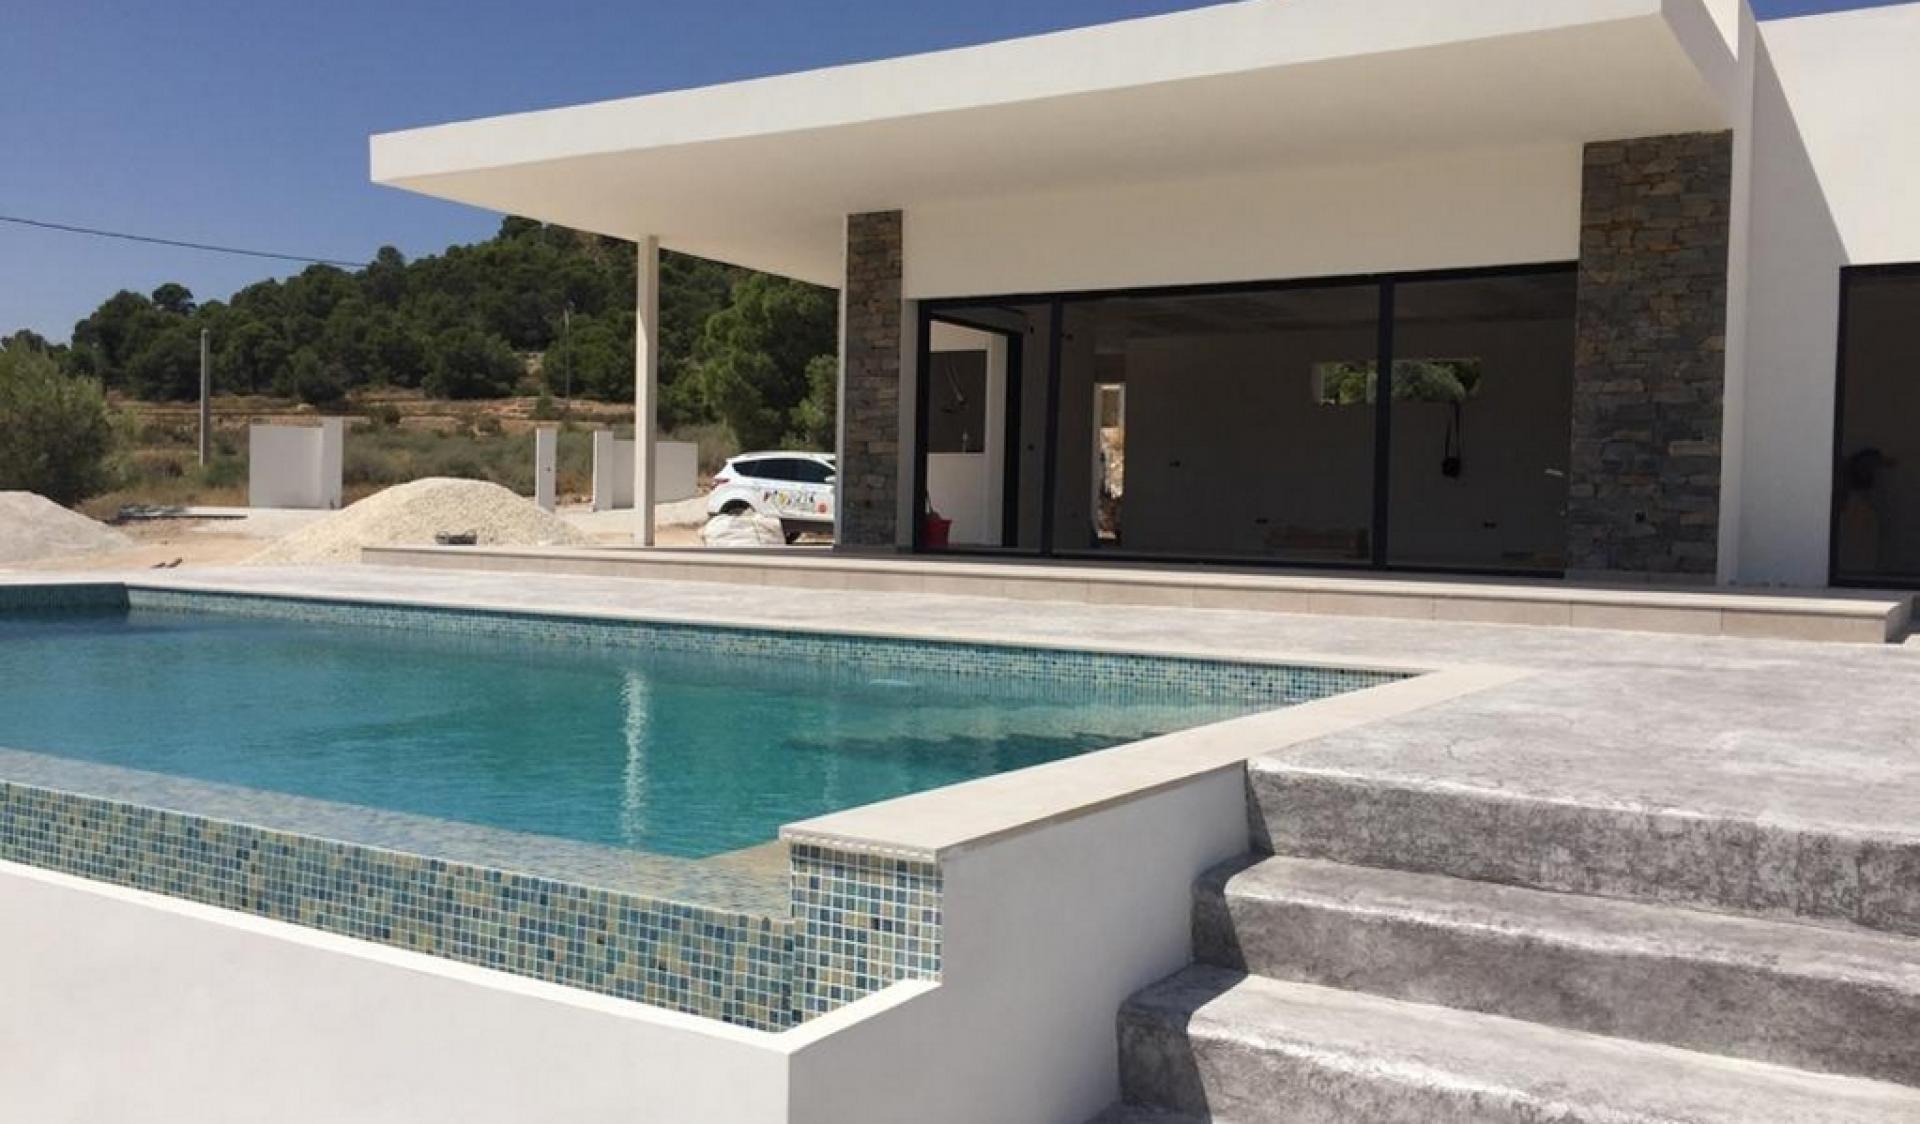 Nieuwbouw villa in La Romana, binnenland van Alicante in Medvilla Spanje